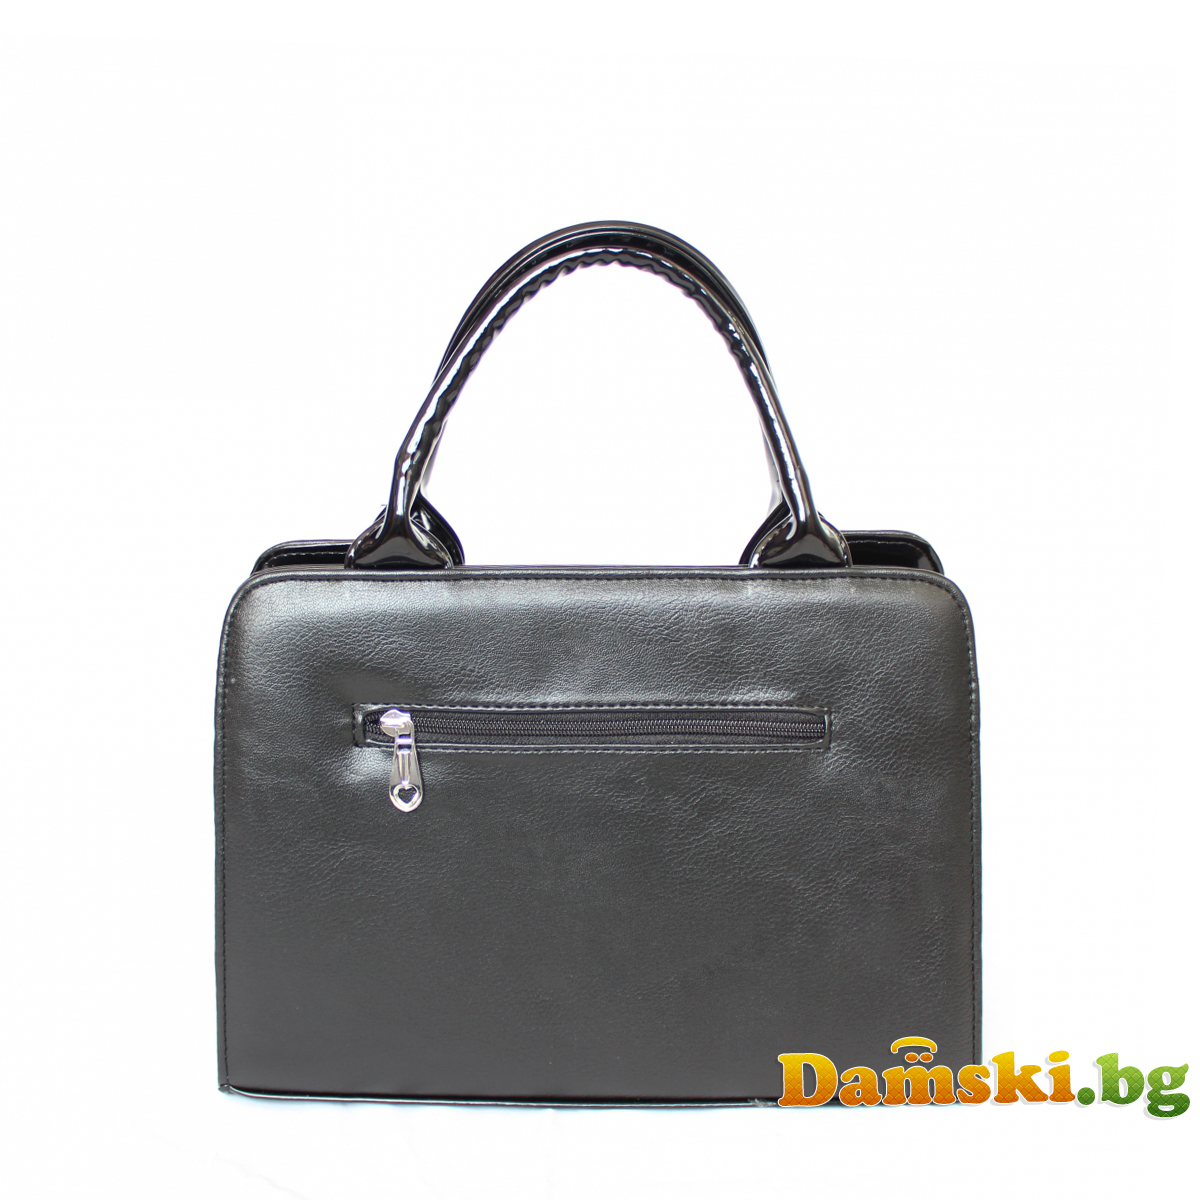 Стилна дамска чанта Хриси - черна Снимка 4 от 4